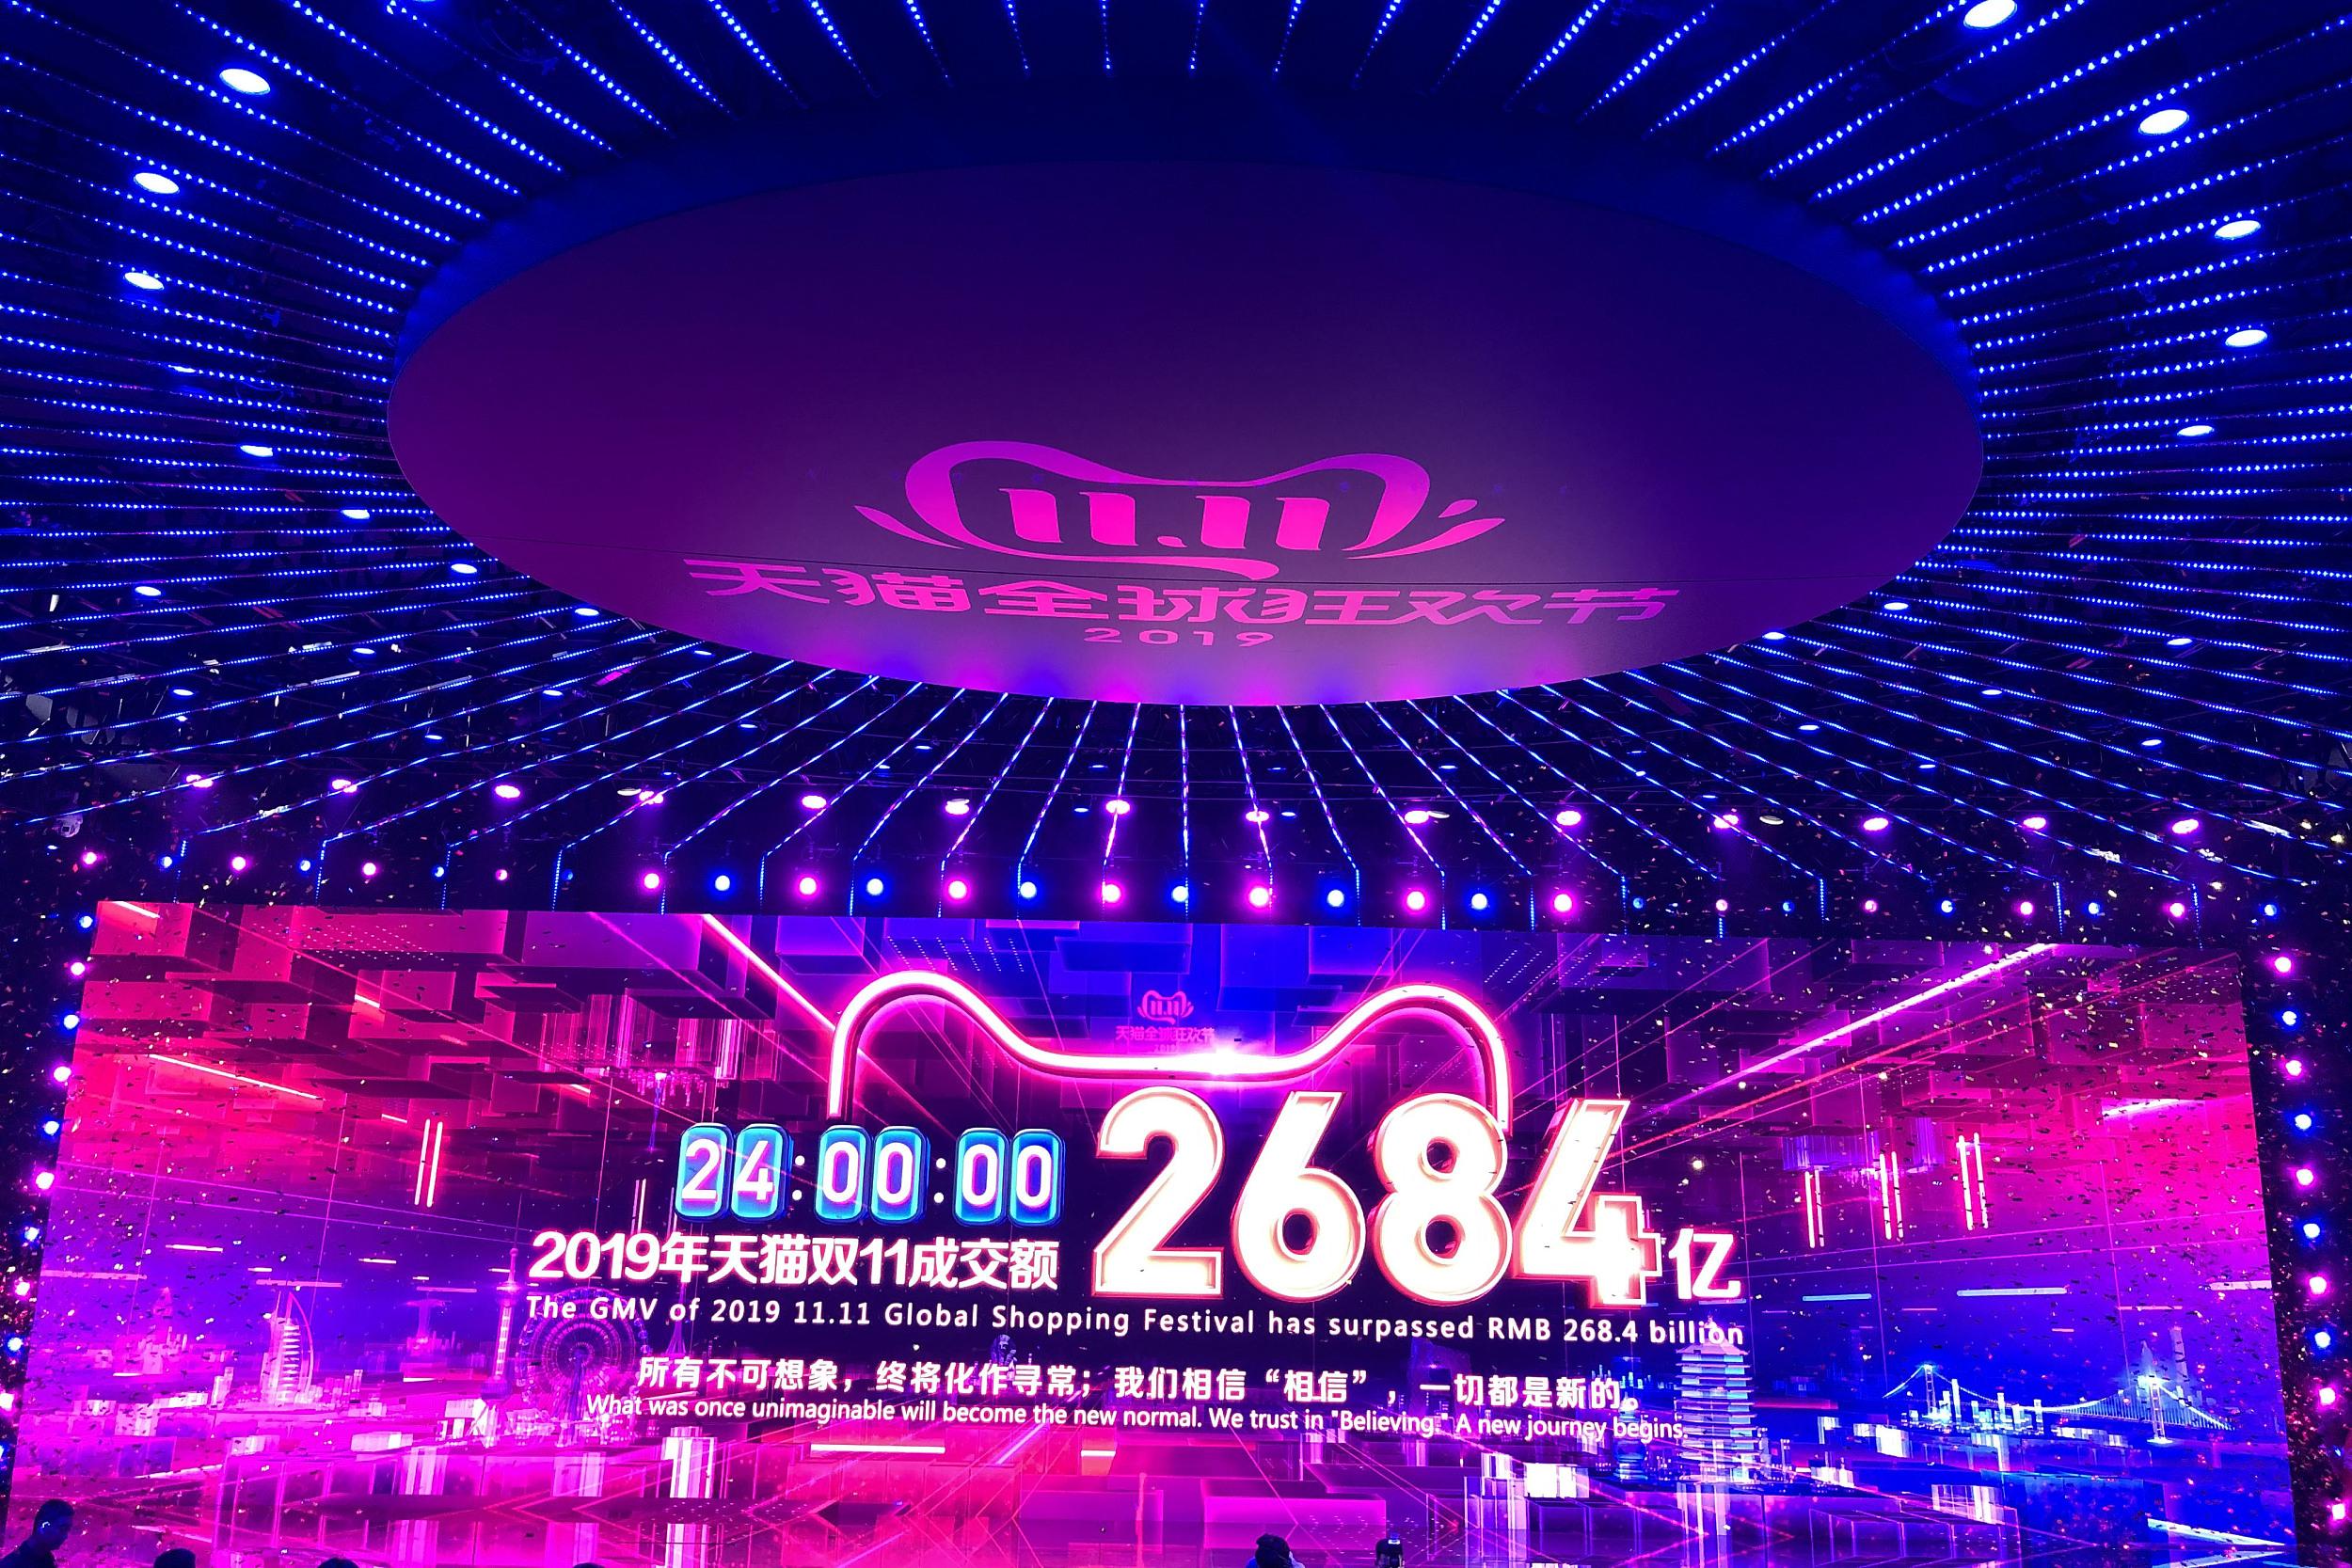 2019天猫双11成交2684亿 再创纪录开启新消费时代